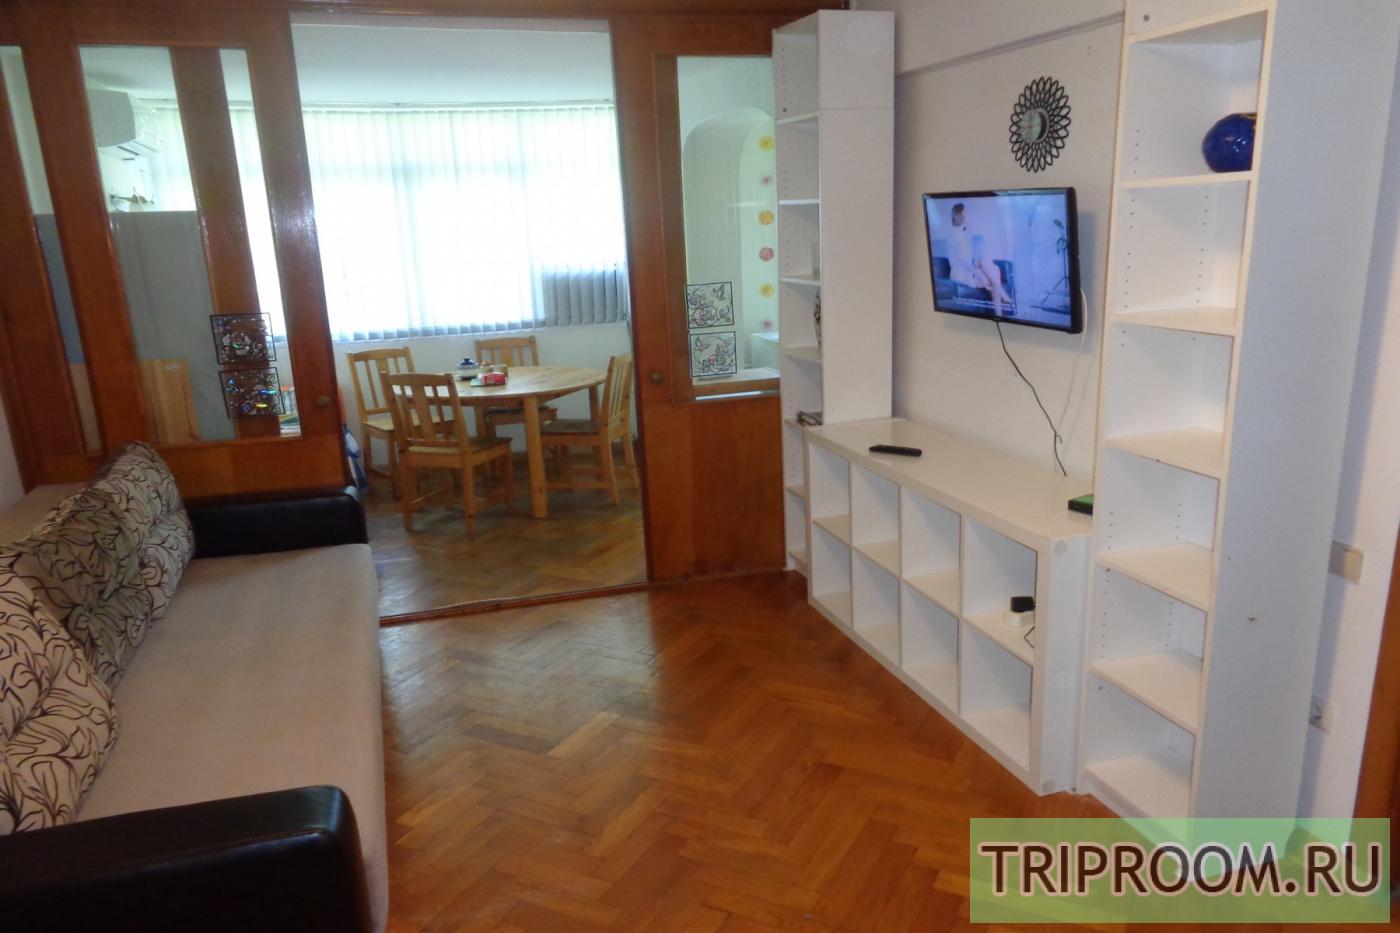 2-комнатная квартира посуточно (вариант № 6980), ул. Воровского улица, фото № 15